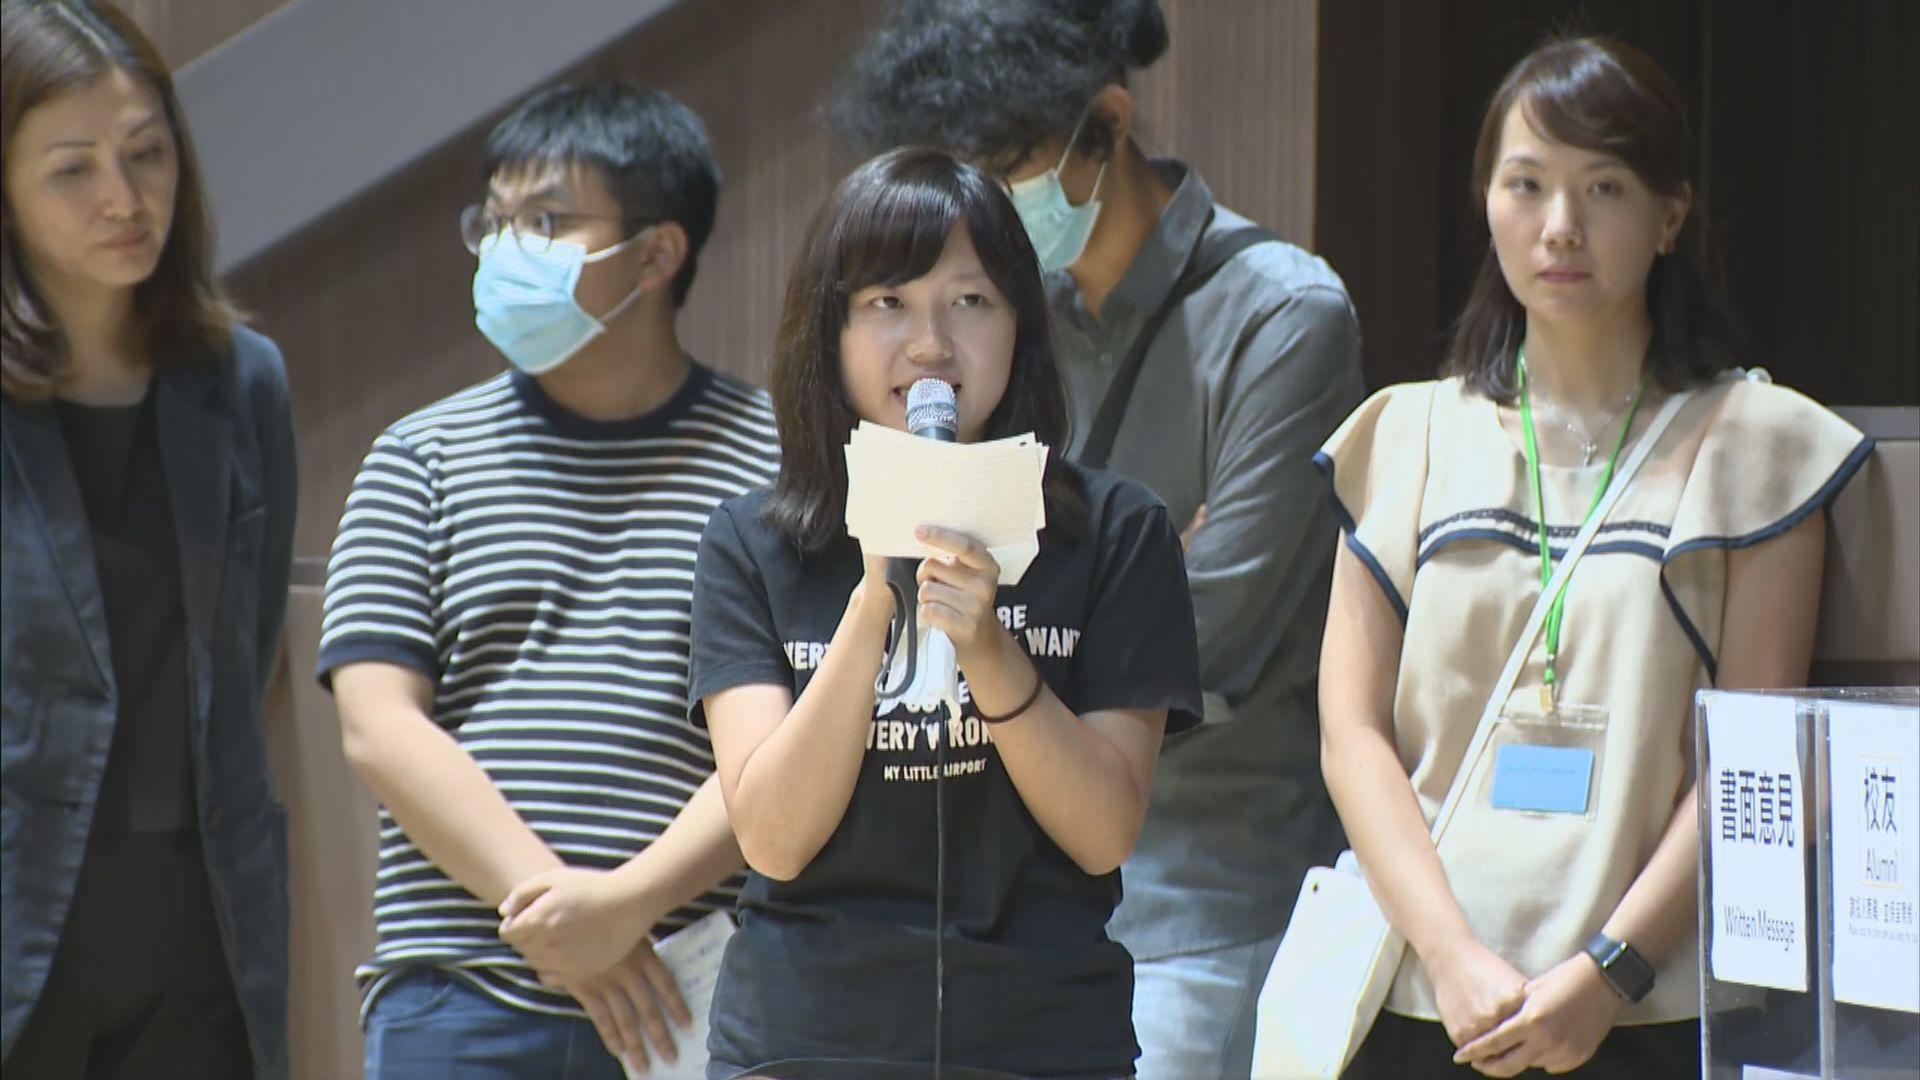 學生稱遭警性暴力 指公開自己身分毫無益處